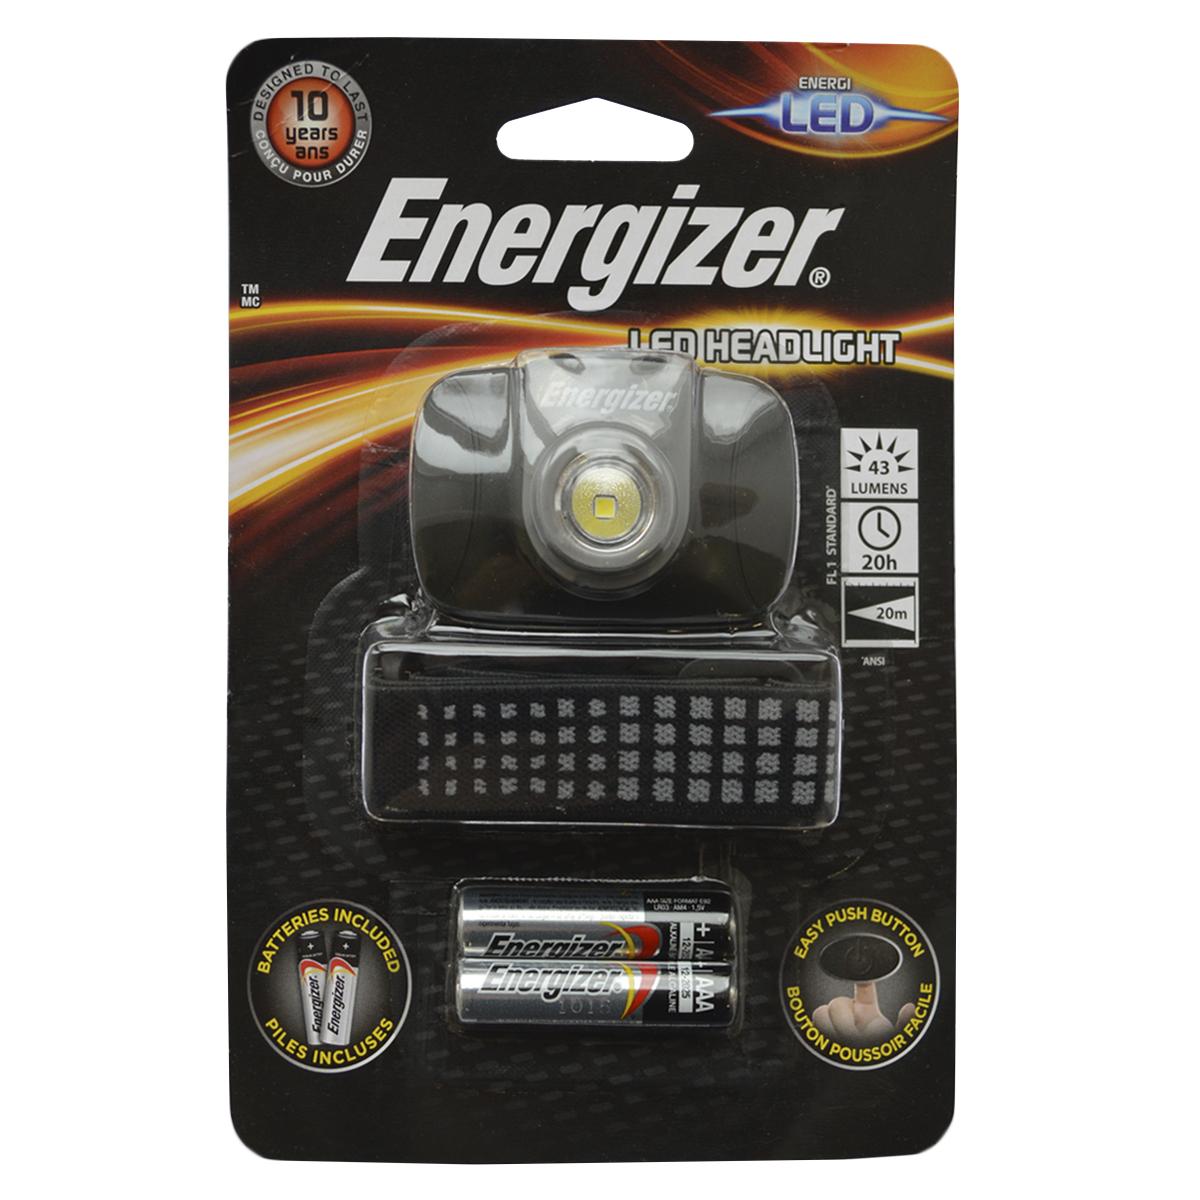 Фонарь налобный Energizer LED Headlight. E300370900KOC-H19-LEDКомпактного размераЛегкий для комфортного использованияРегулируемый ремешокУдобный переключатель включения/выключенияРешение на каждый день, позволяющее держать руки свободнымиРаботает на 2 батарейках типоразмера AAA (входят в комплект)